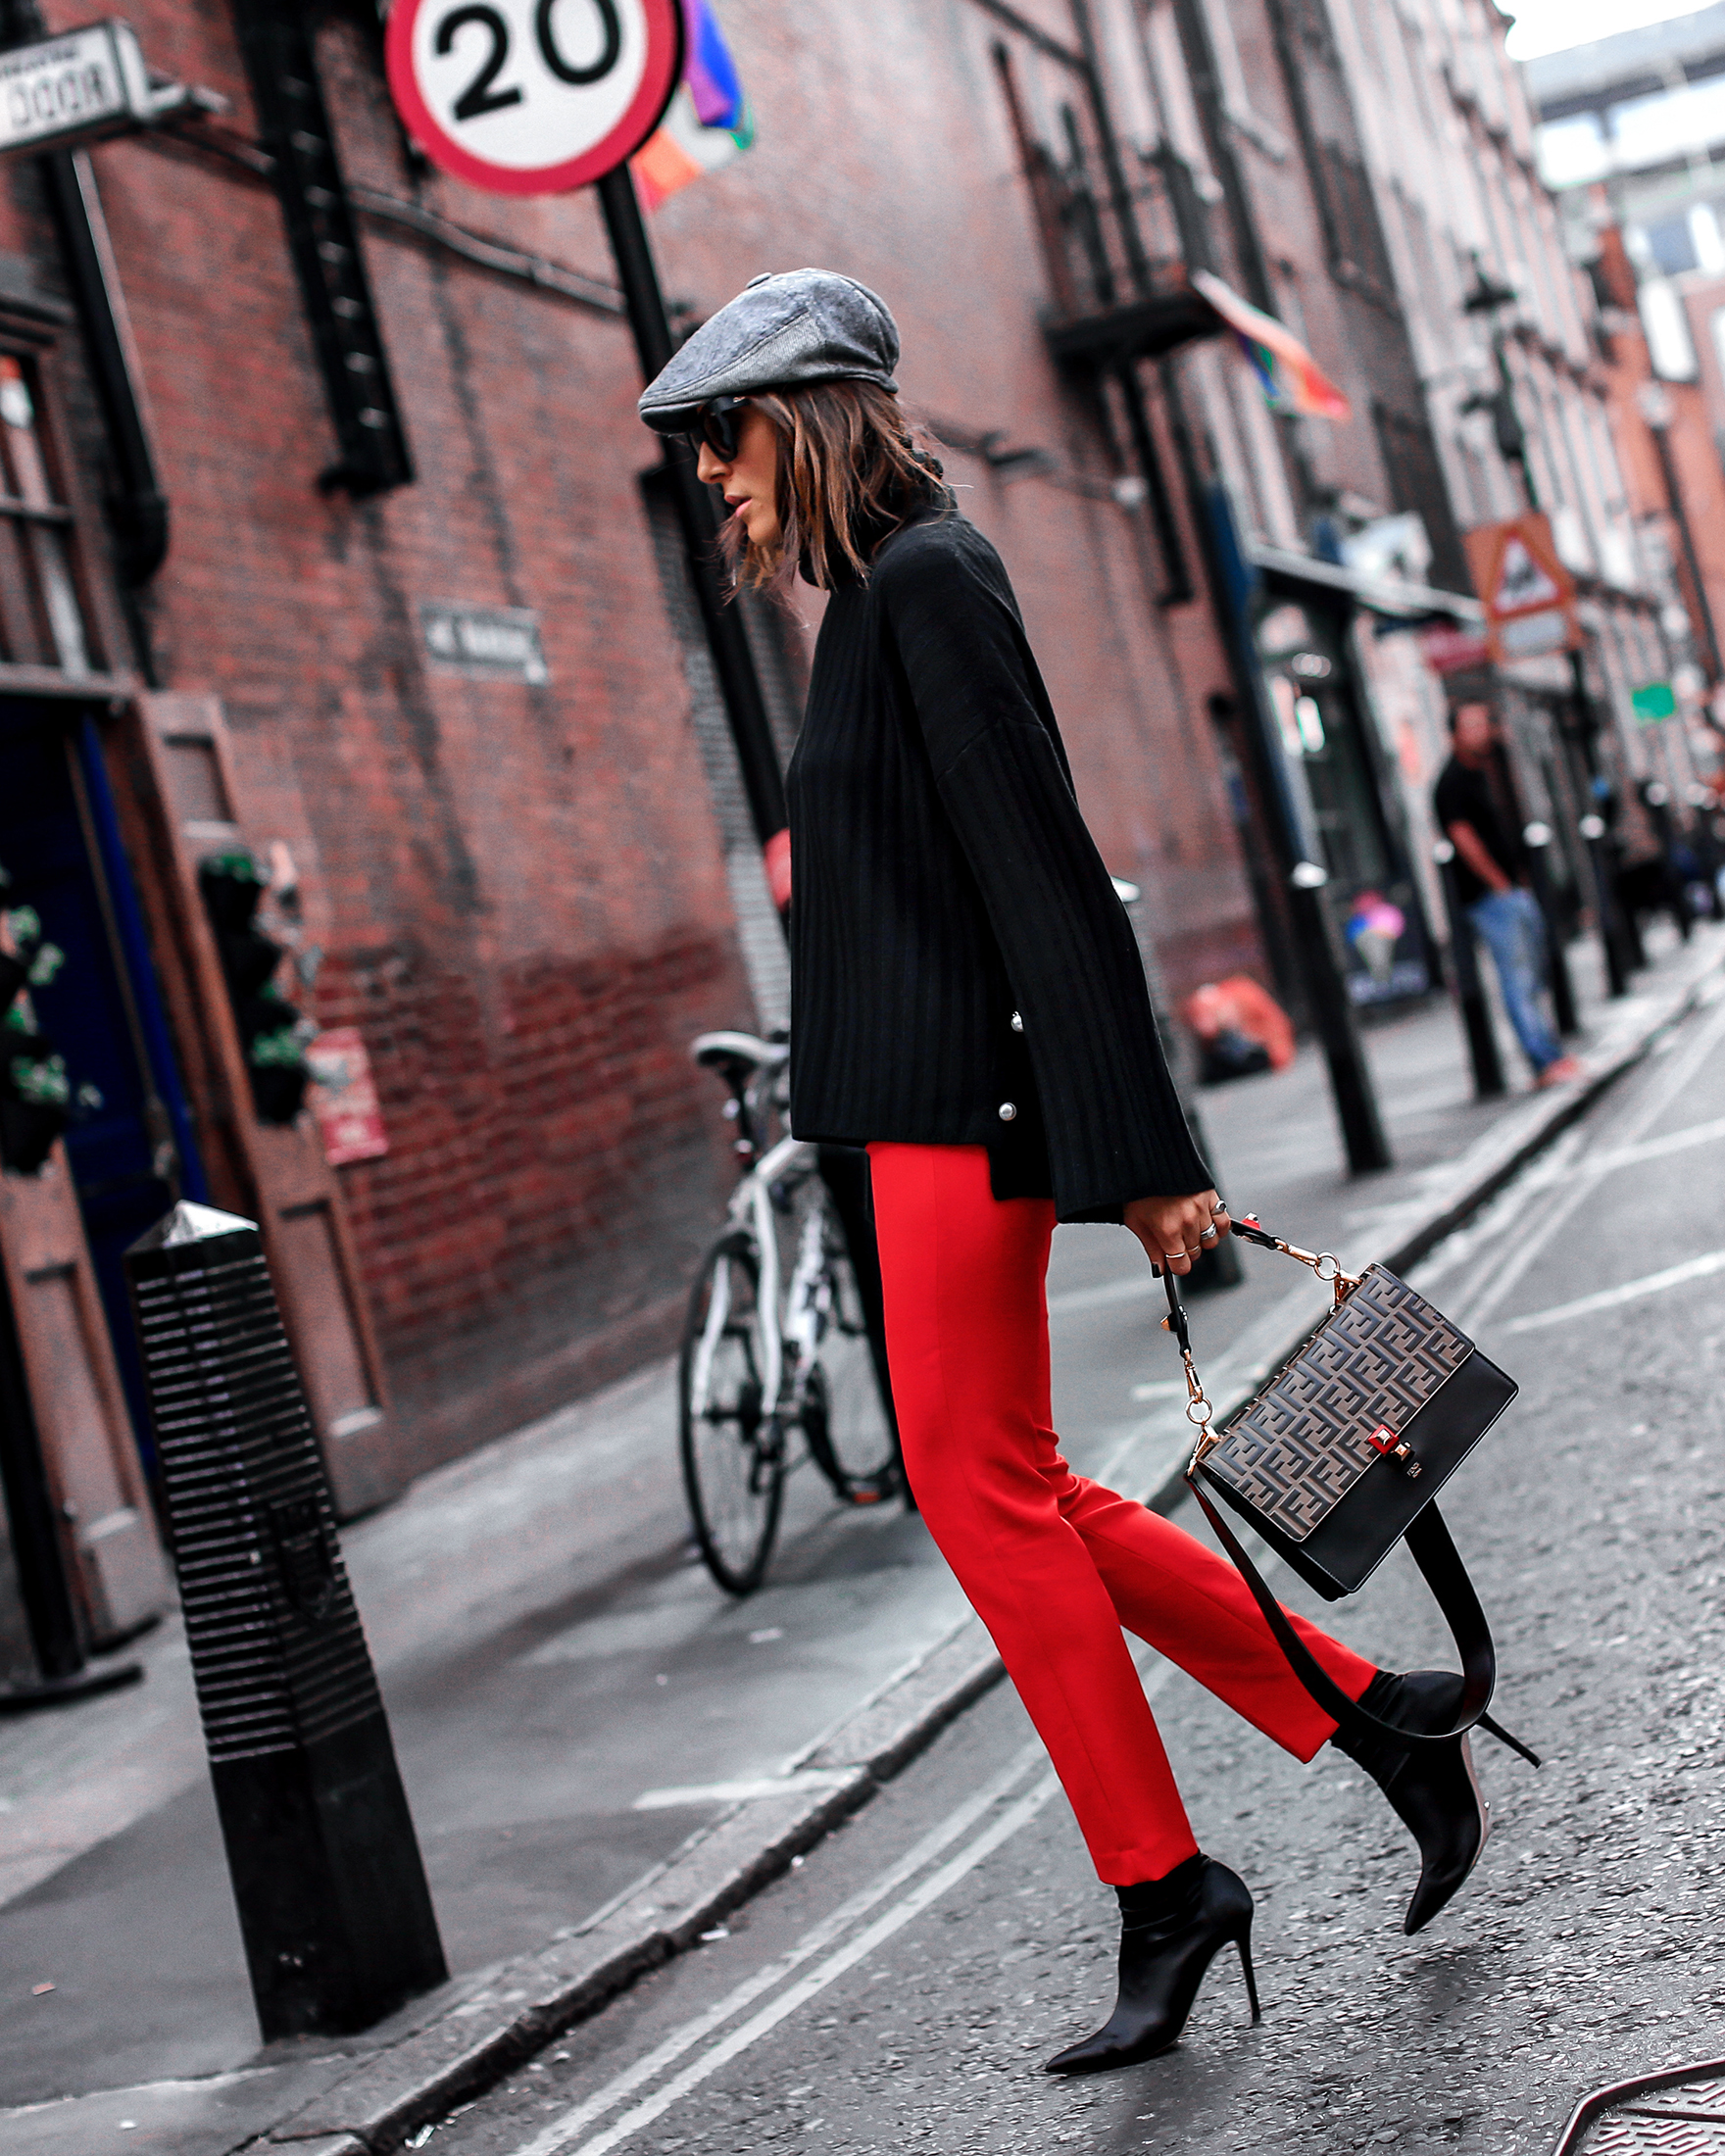 Brunette Woman In London Wearing Red Pants